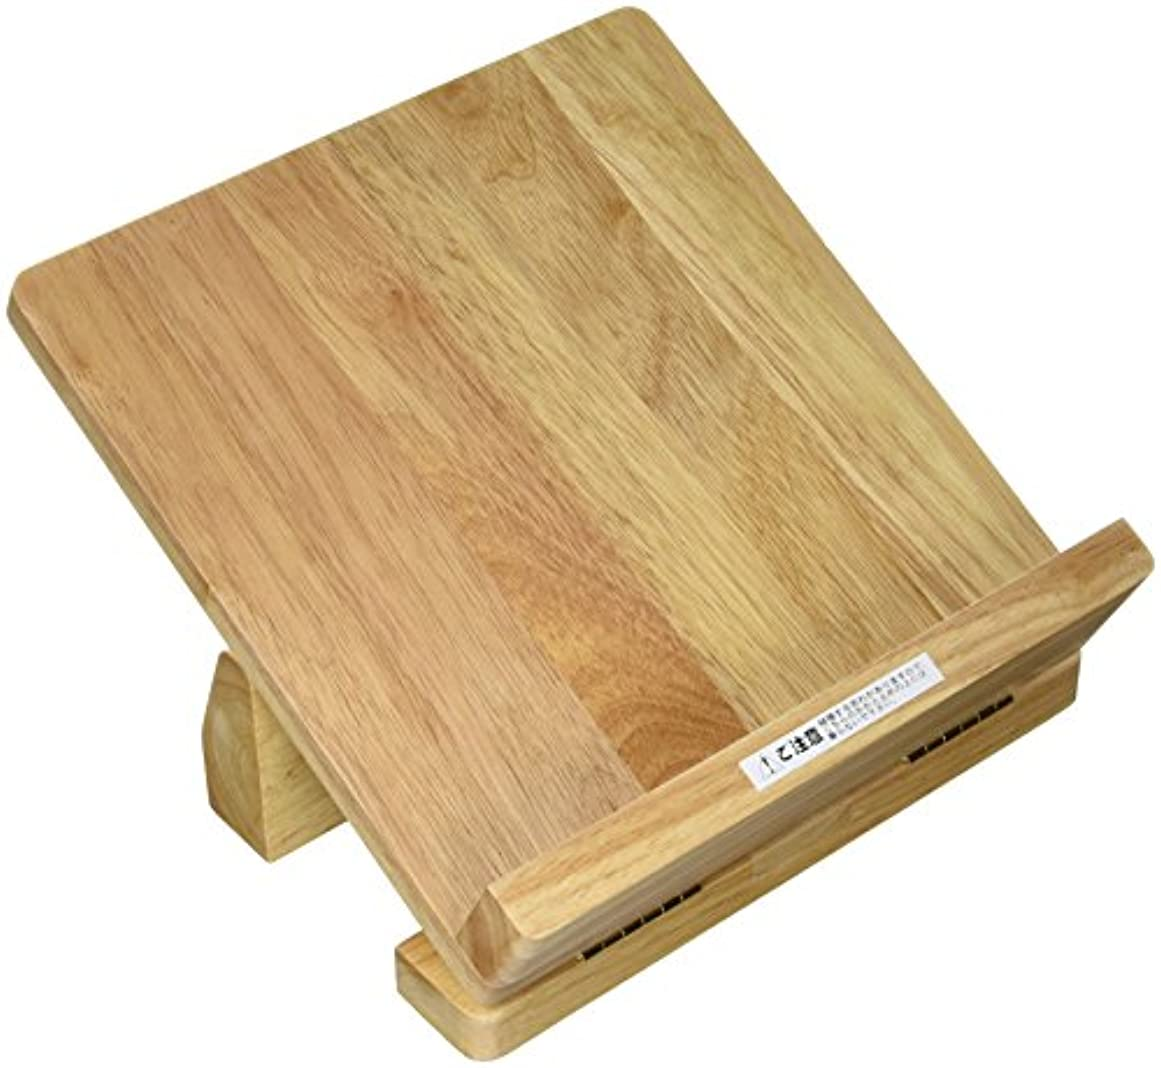 足首のびのび 木製ストレッチボード